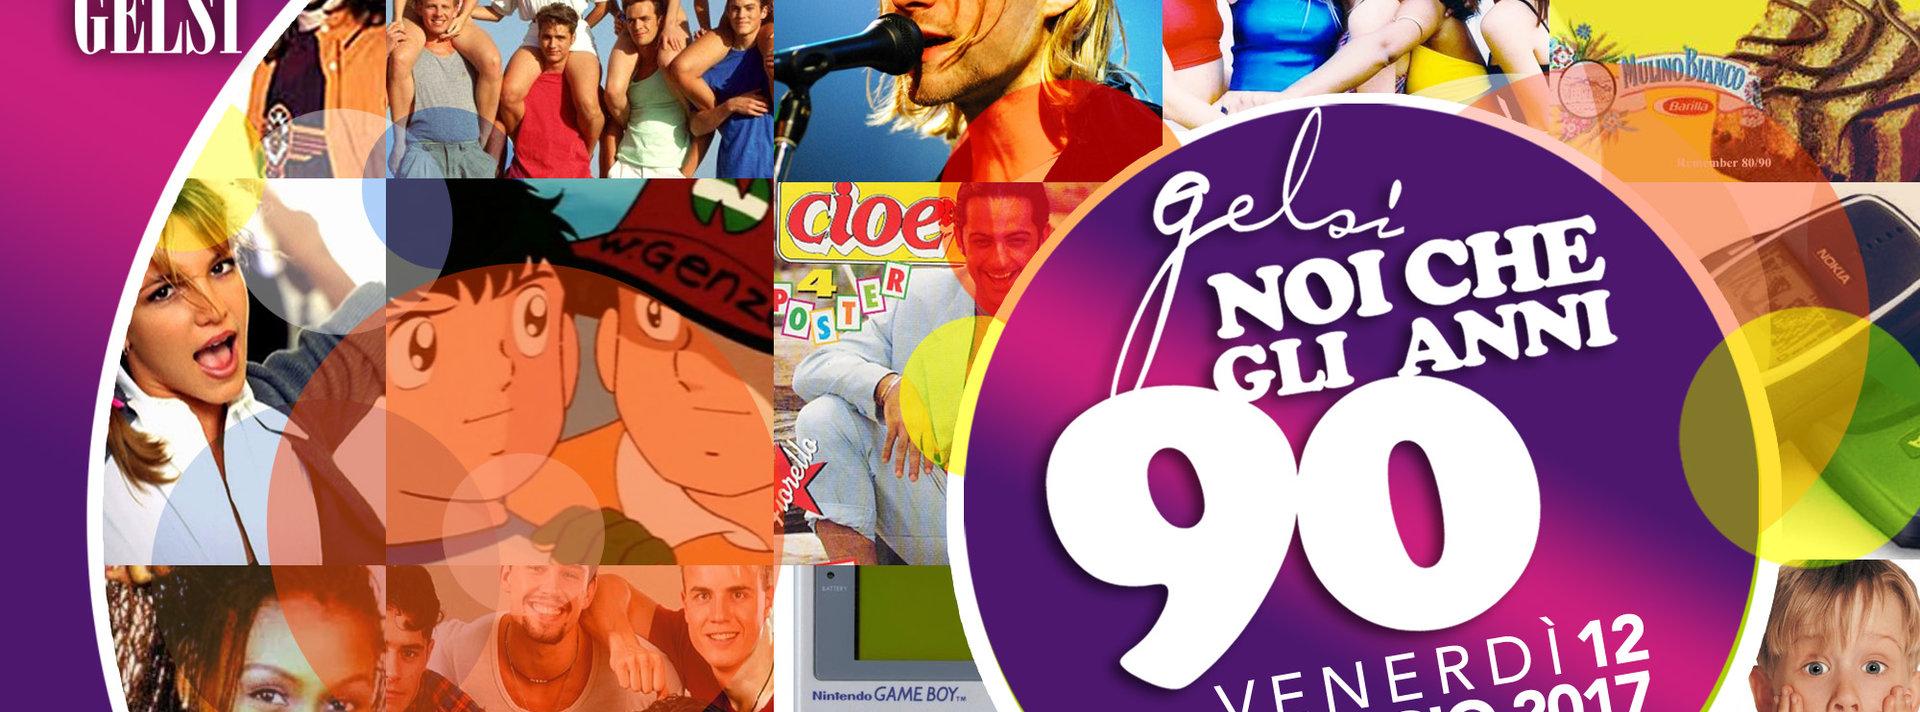 Festa anni 90 alla Casa dei Gelsi - 12 maggio 2017